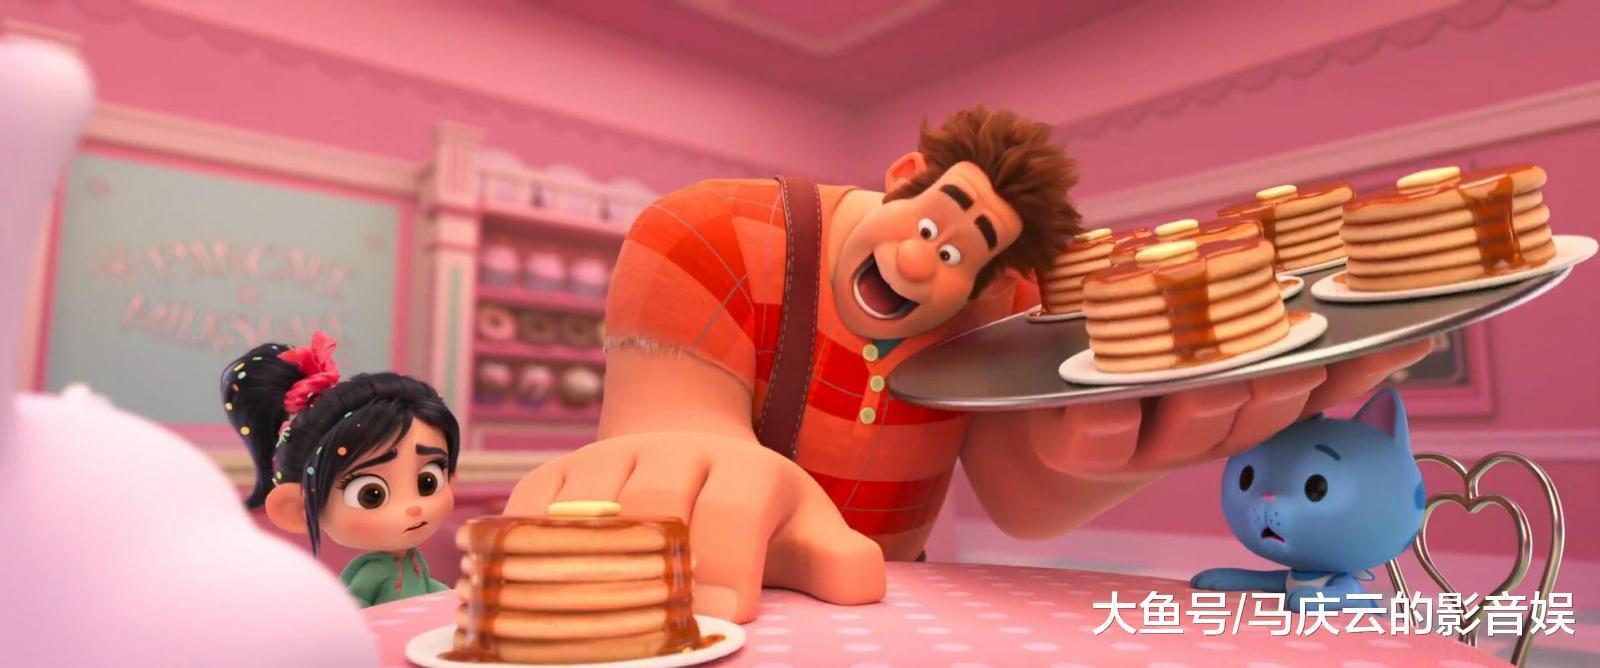 《无敌破坏王2》温情而老套, 迪士尼就是来秀财大气粗的